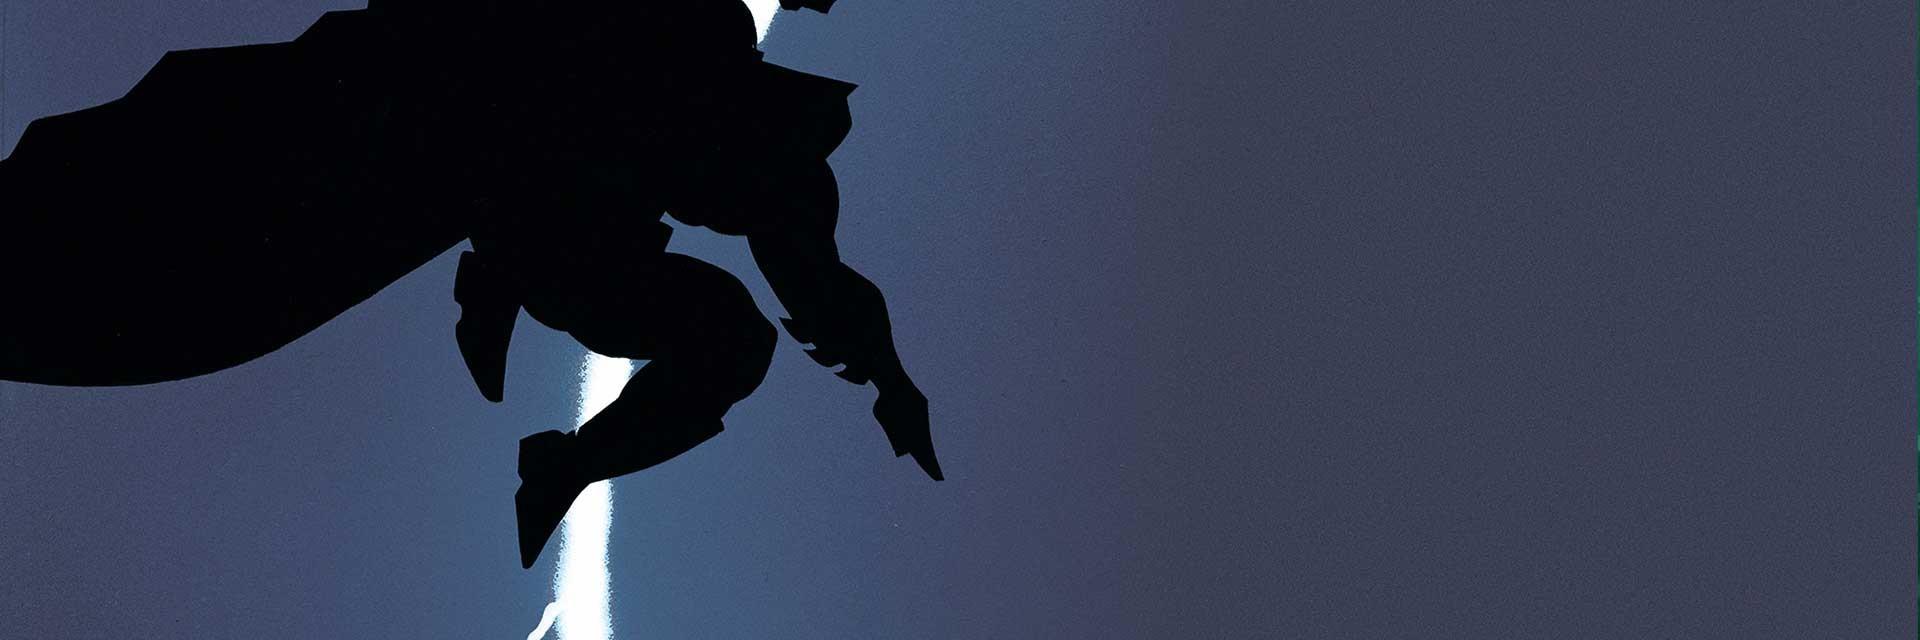 VÍDEO Morrison, Caballero Oscuro y Elseworlds + Concurso Muerdeuñas